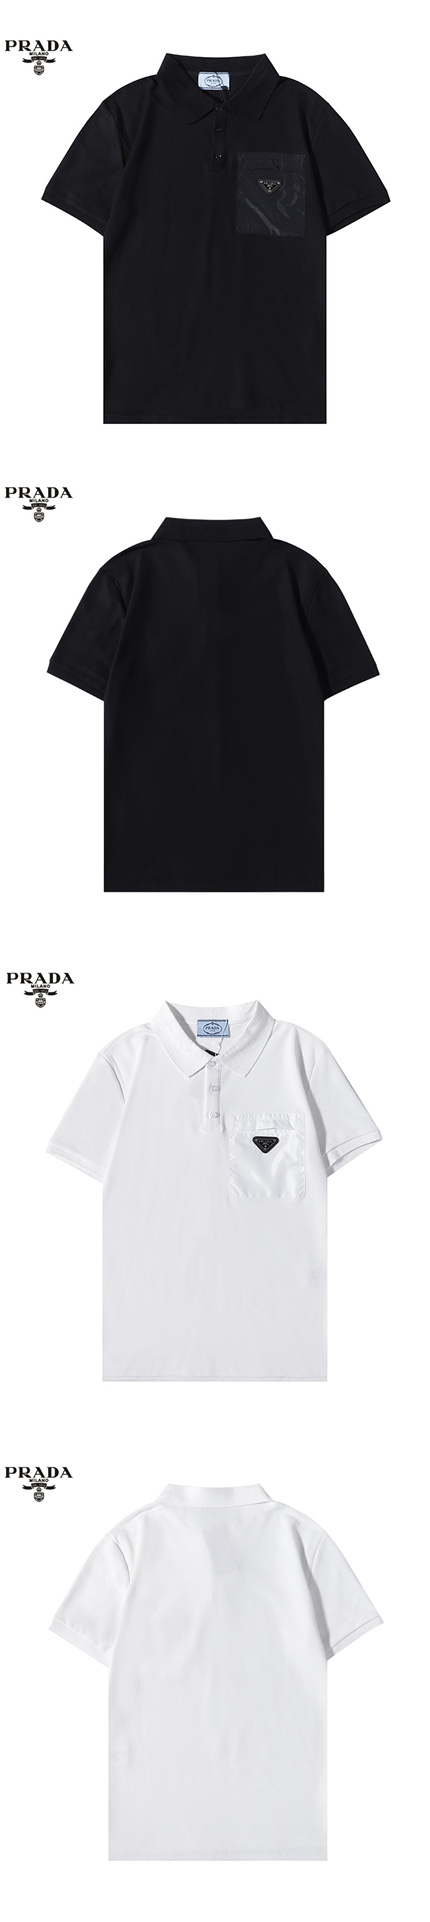 Prada T-Shirts for Men #466768 replica